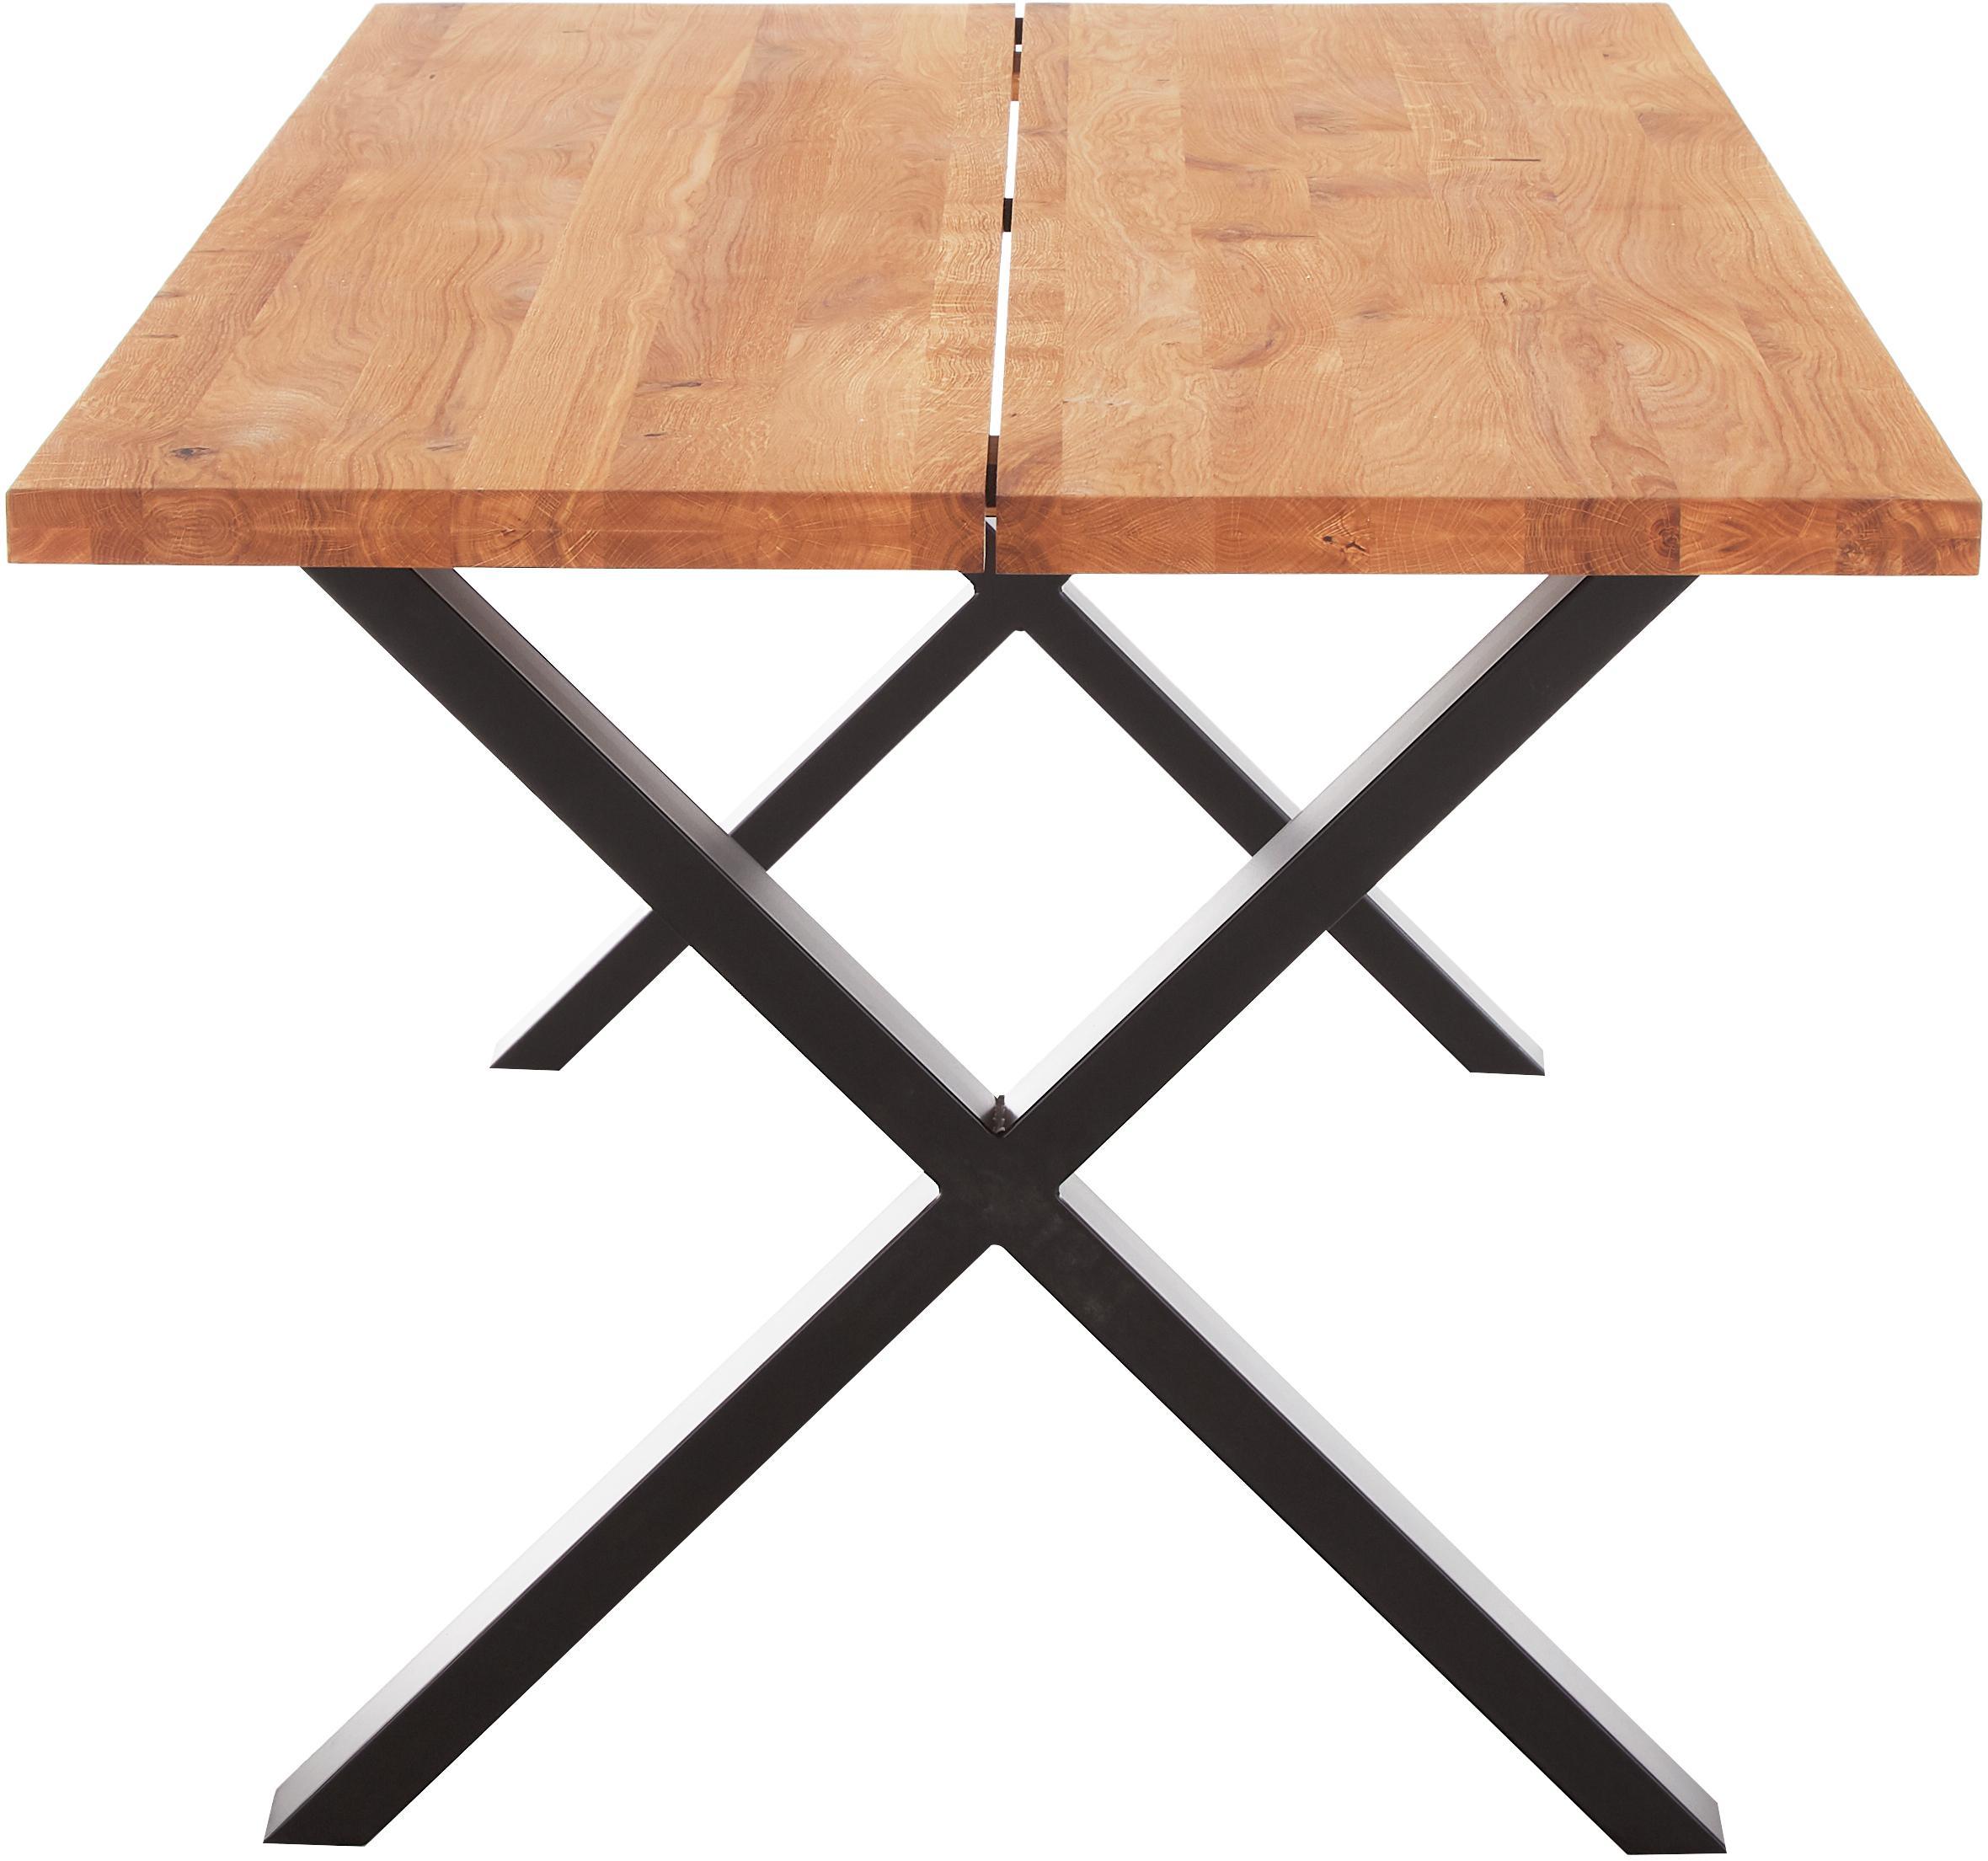 Esstisch Montpellier mit Massivholzplatte, Tischplatte: Massives Eichenholz, geöl, Gestell: Stahl, pulverbeschichtet, Eichenholz, Schwarz, B 200 x T 95 cm